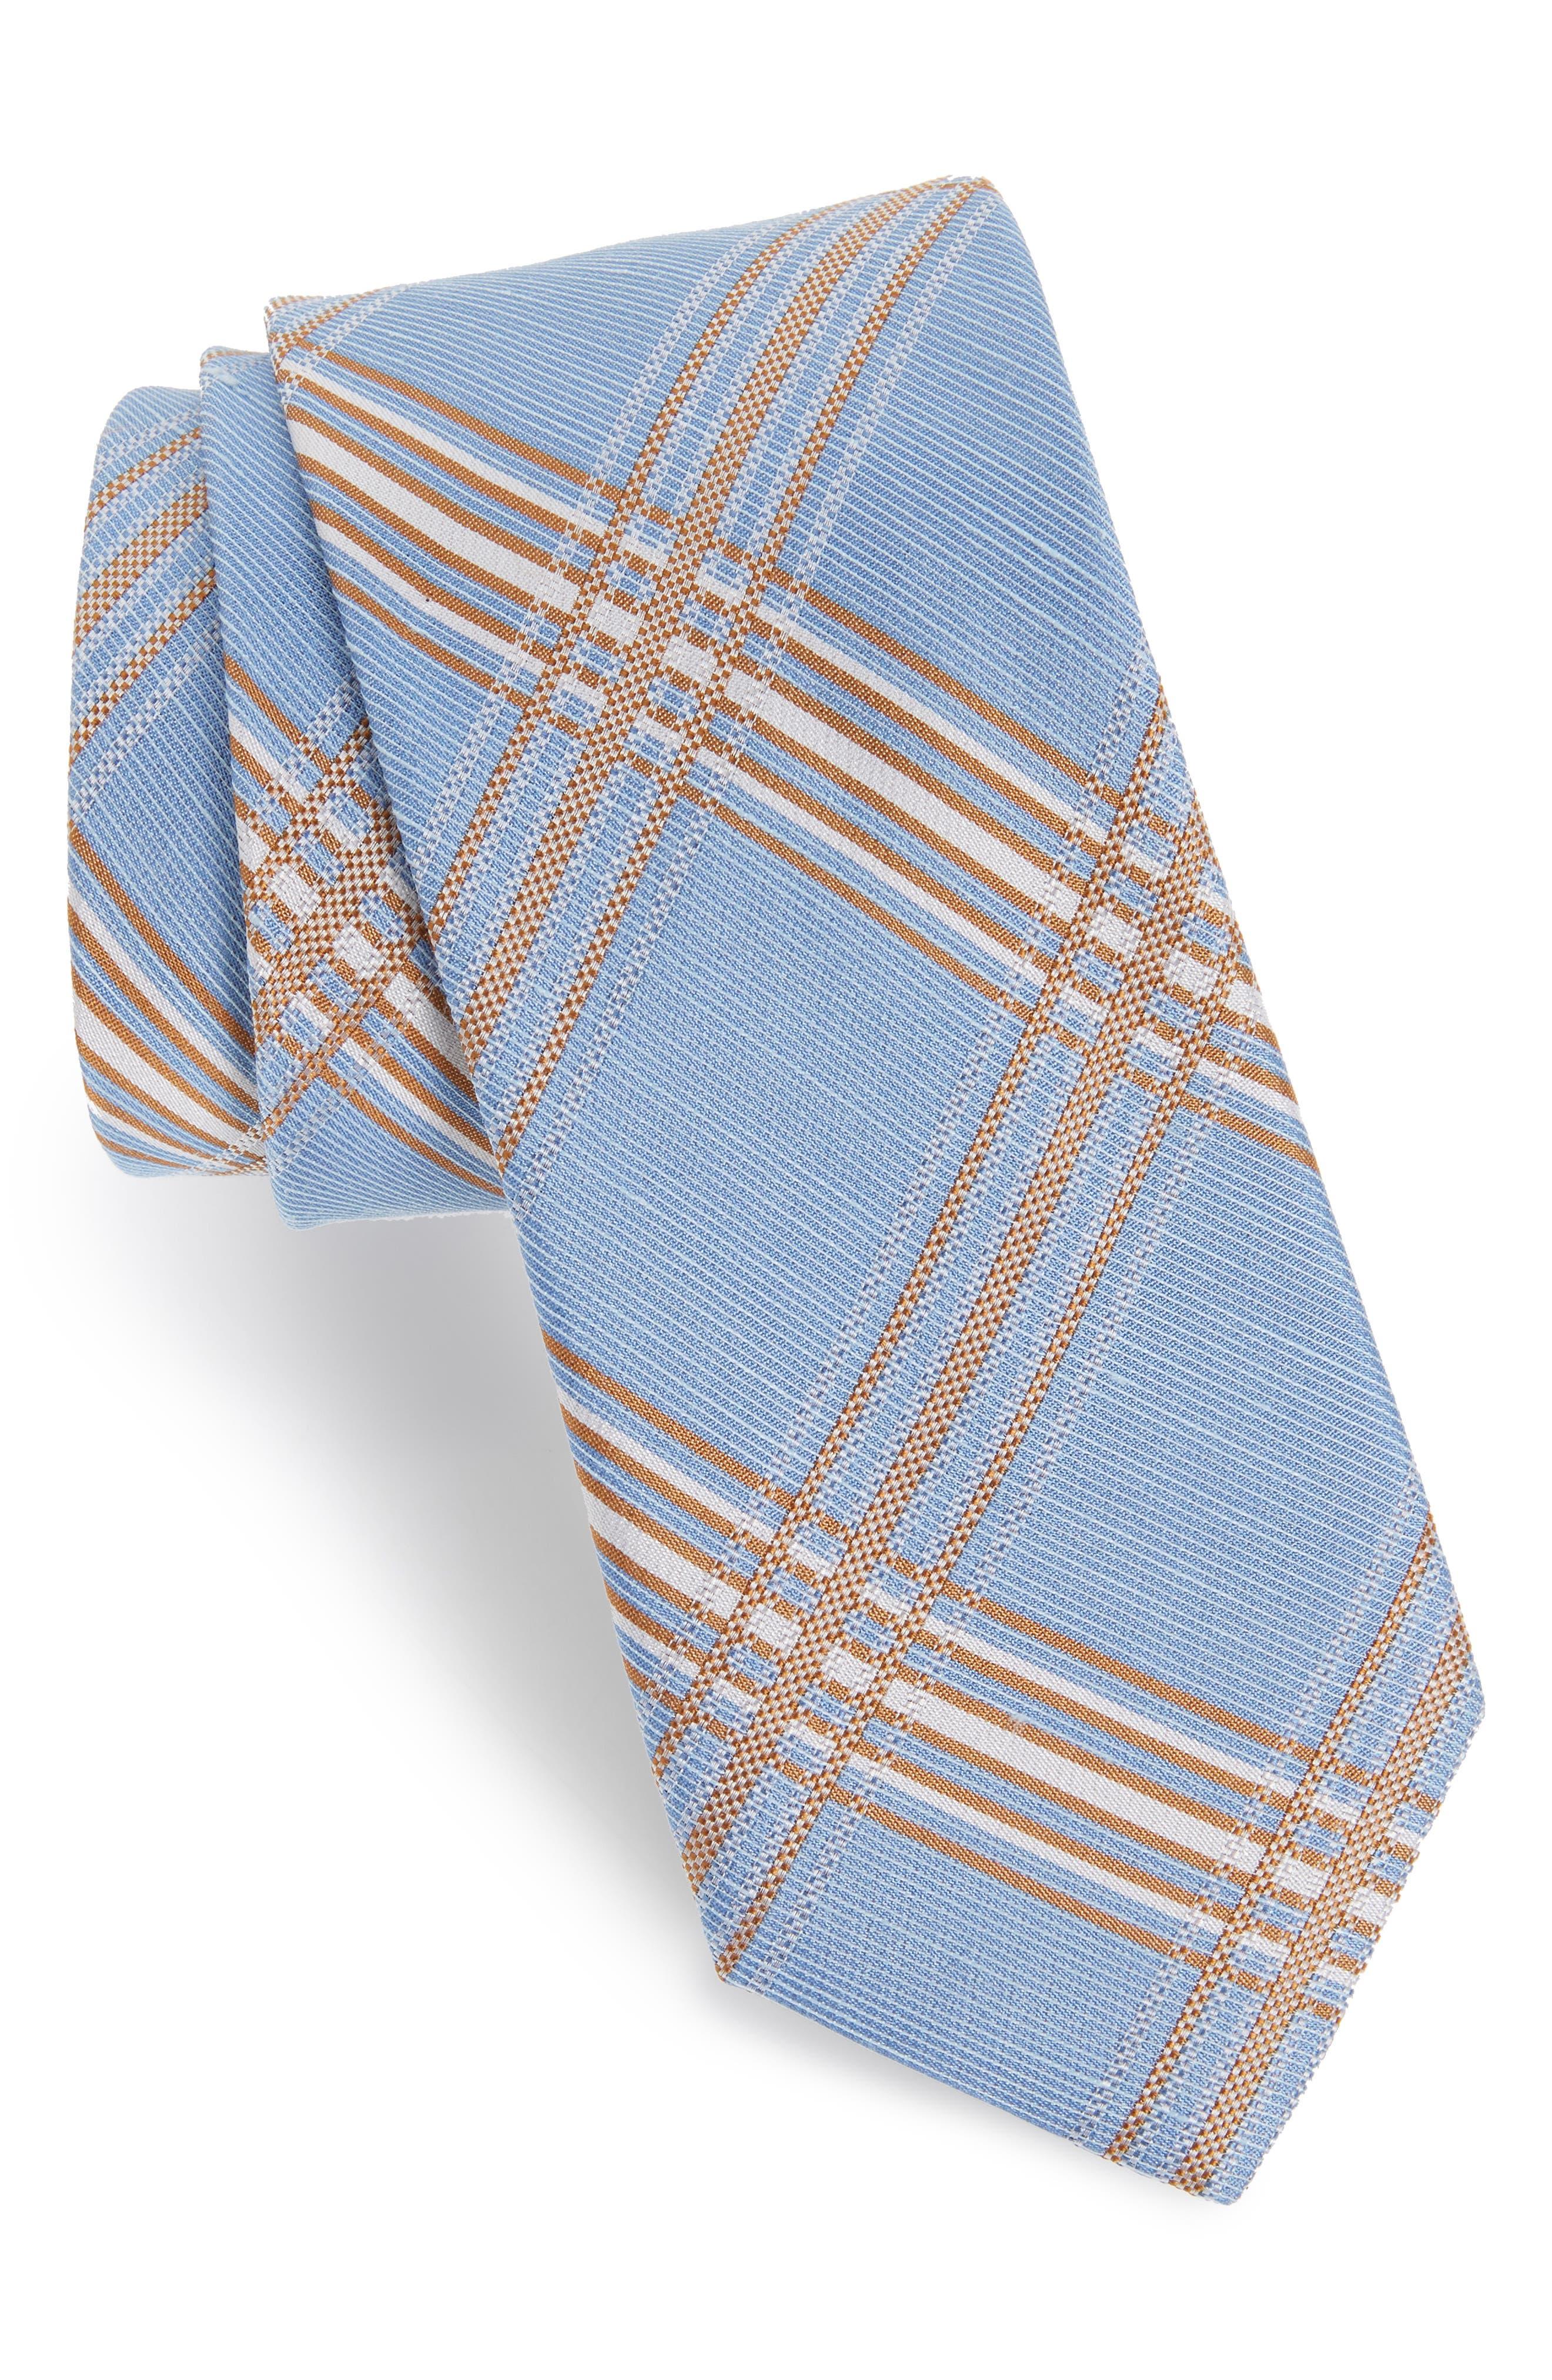 KP Plaid Silk & Linen Tie,                         Main,                         color, LIGHT BLUE